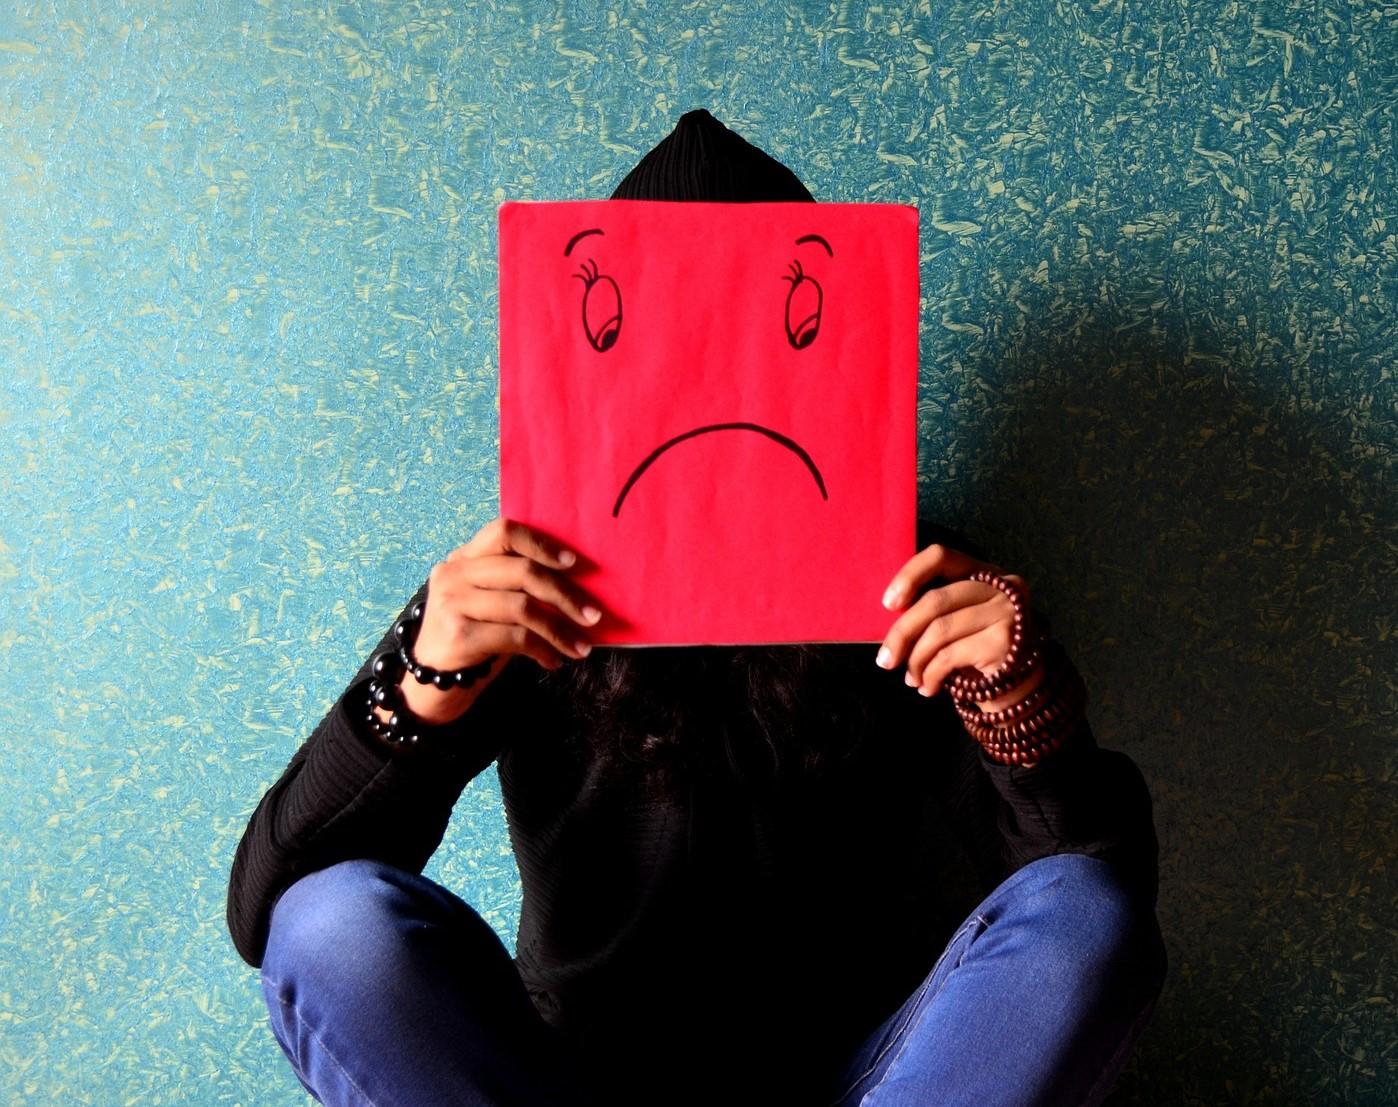 Unzufrieden - Foto: Pixabay